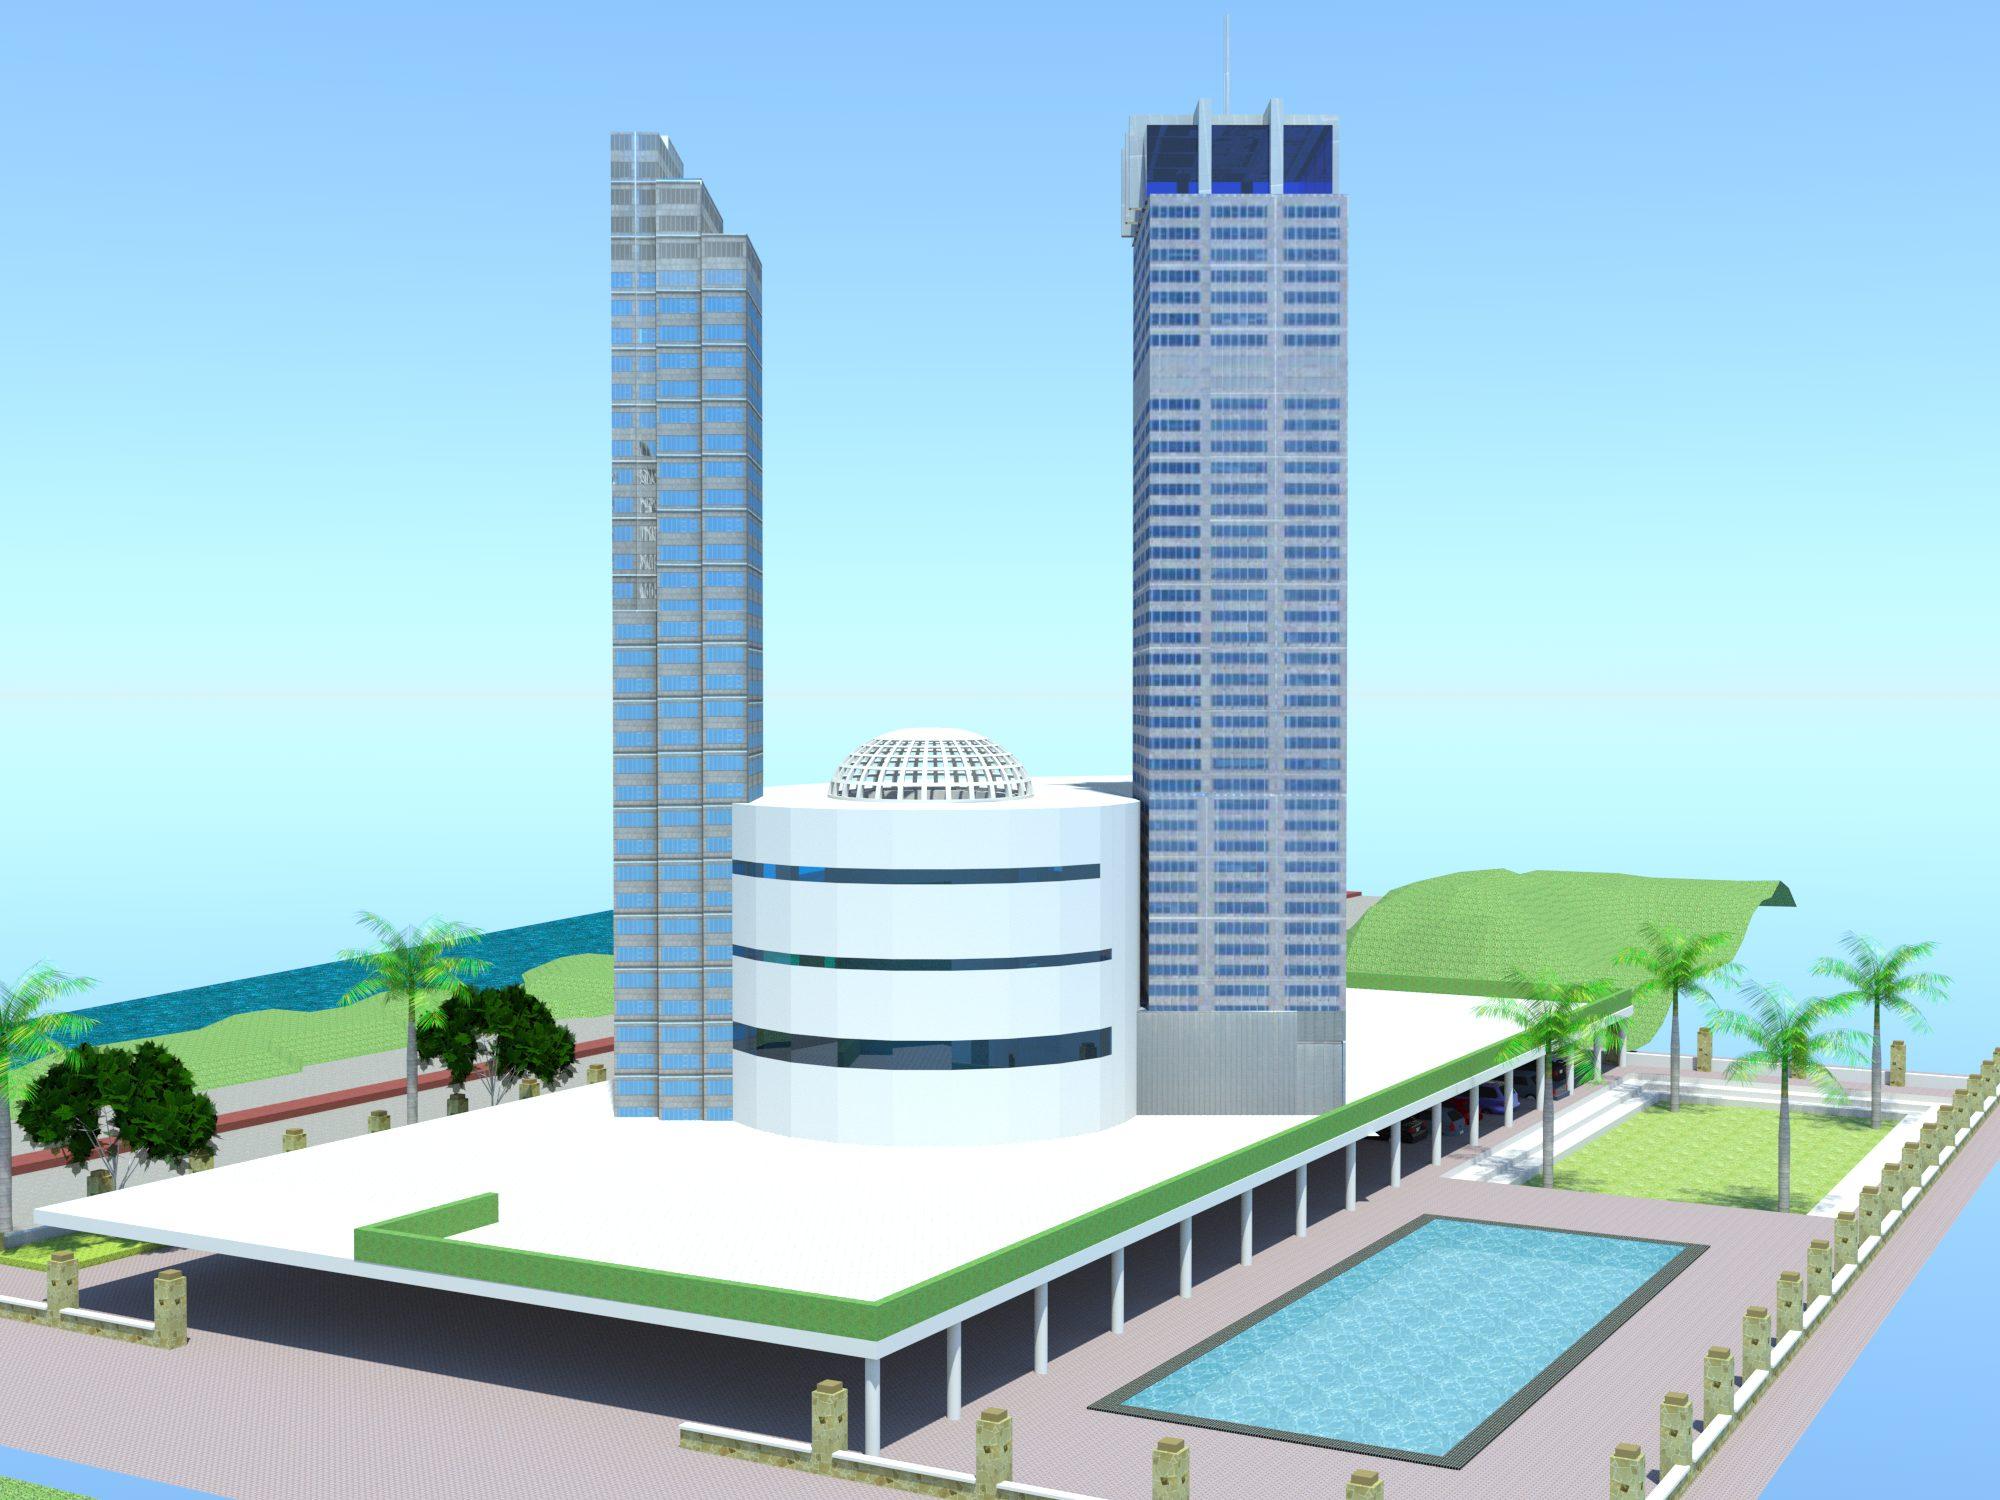 پلان برج اداری تجاری